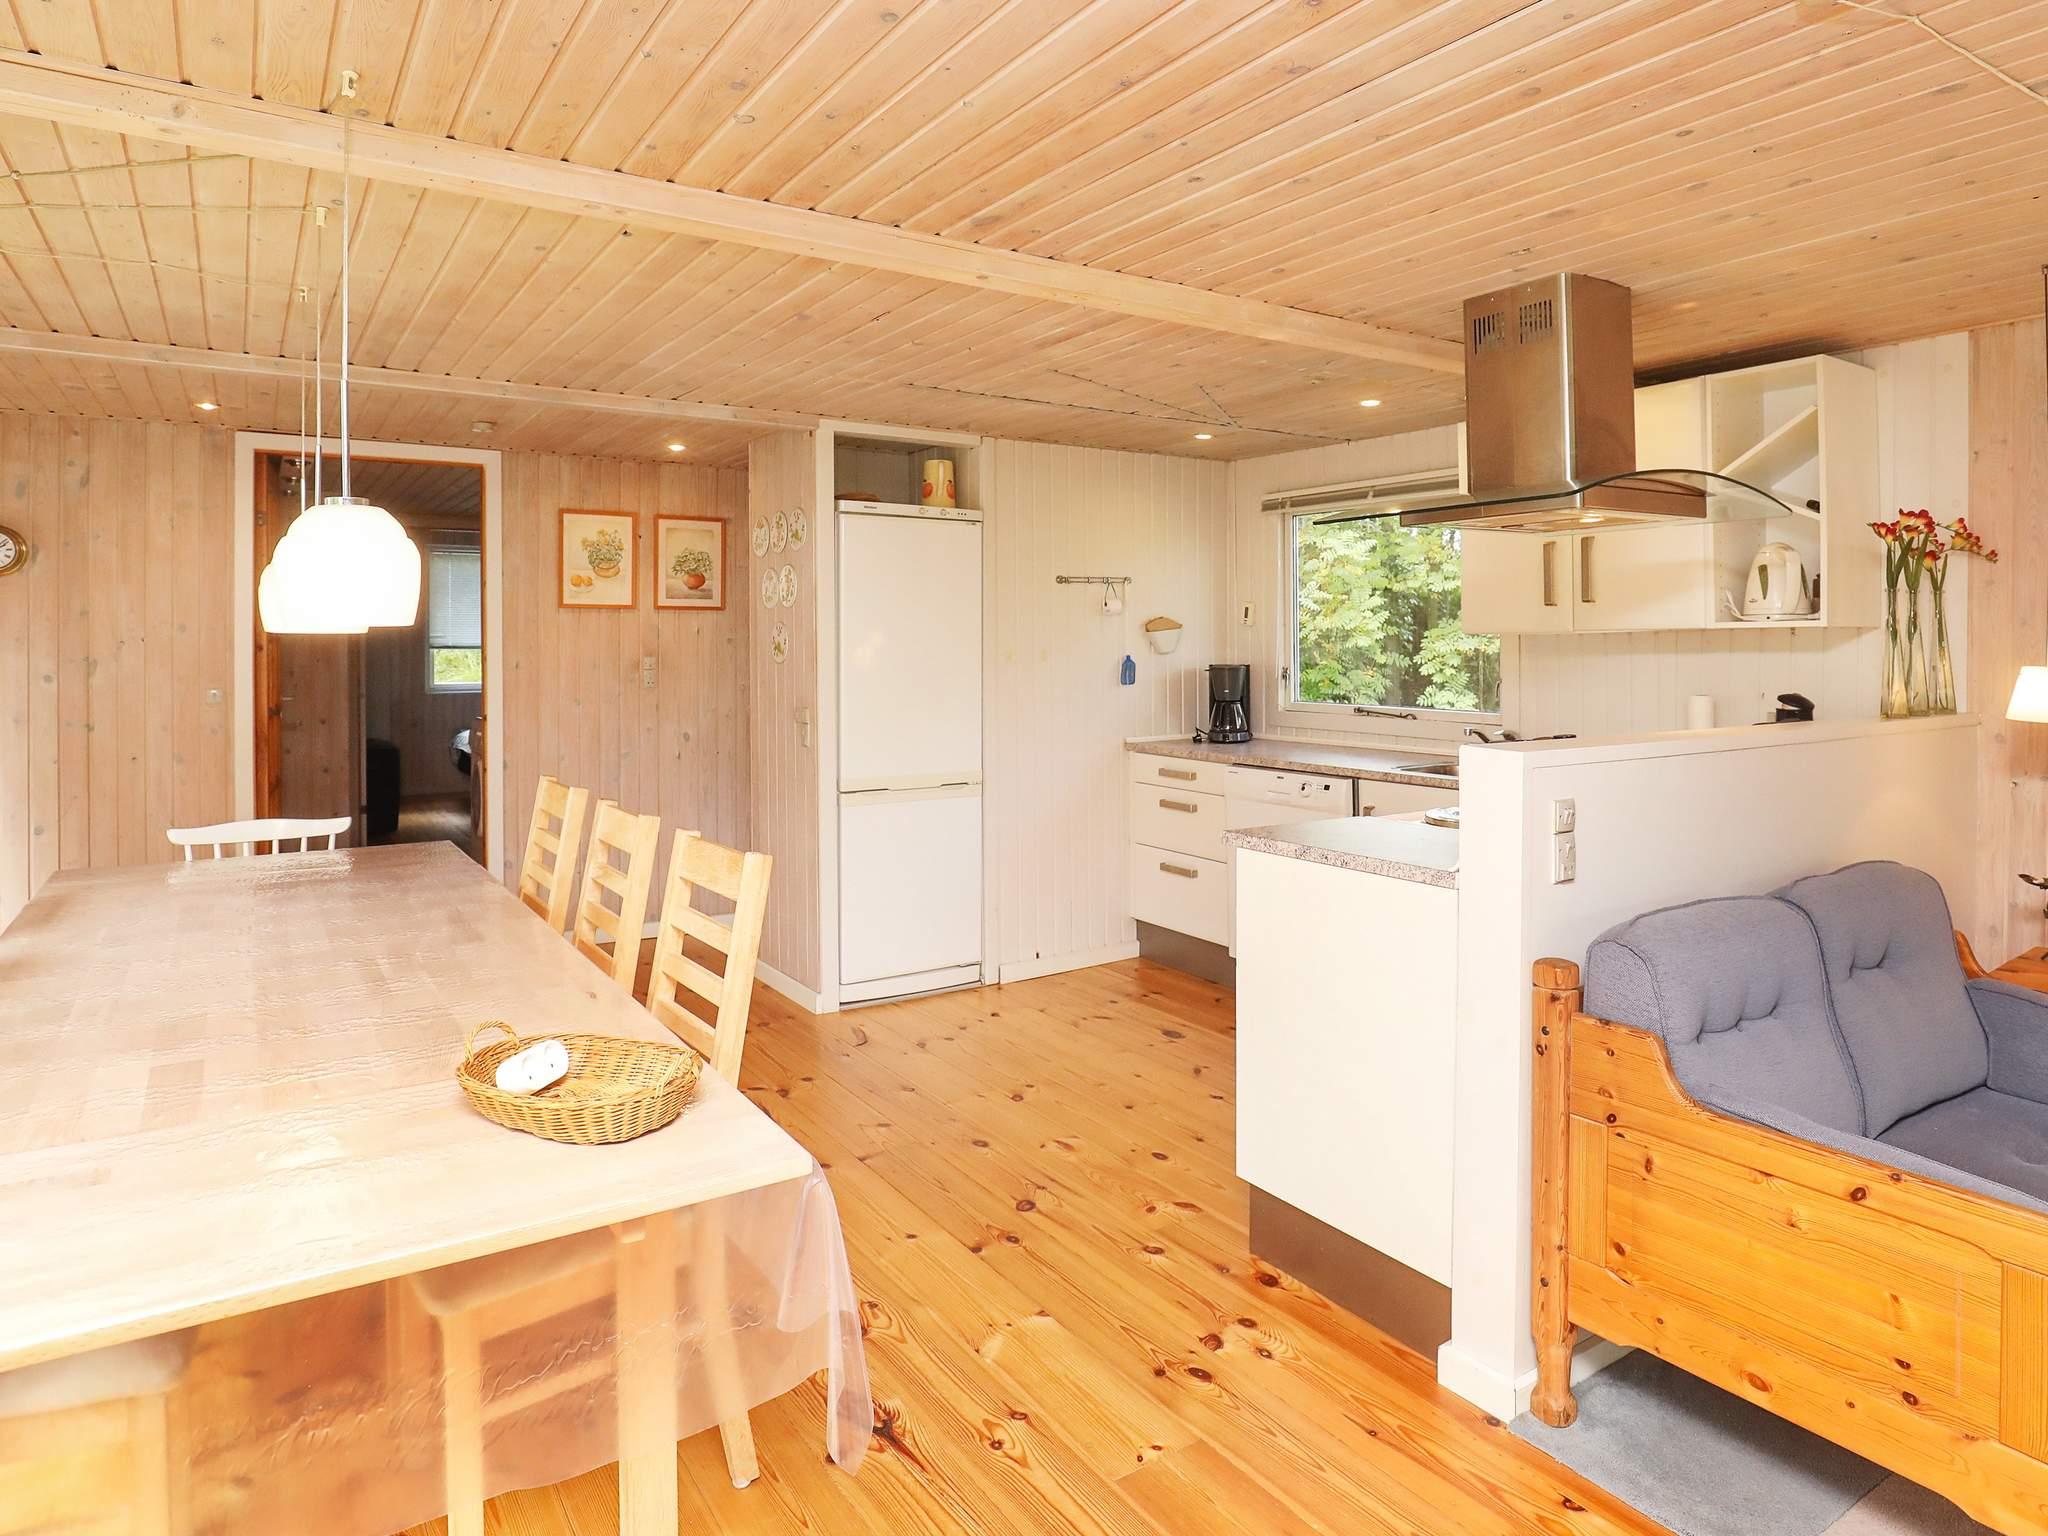 Ferienhaus Hou/Lagunen (83537), Hou, , Nordostjütland, Dänemark, Bild 2